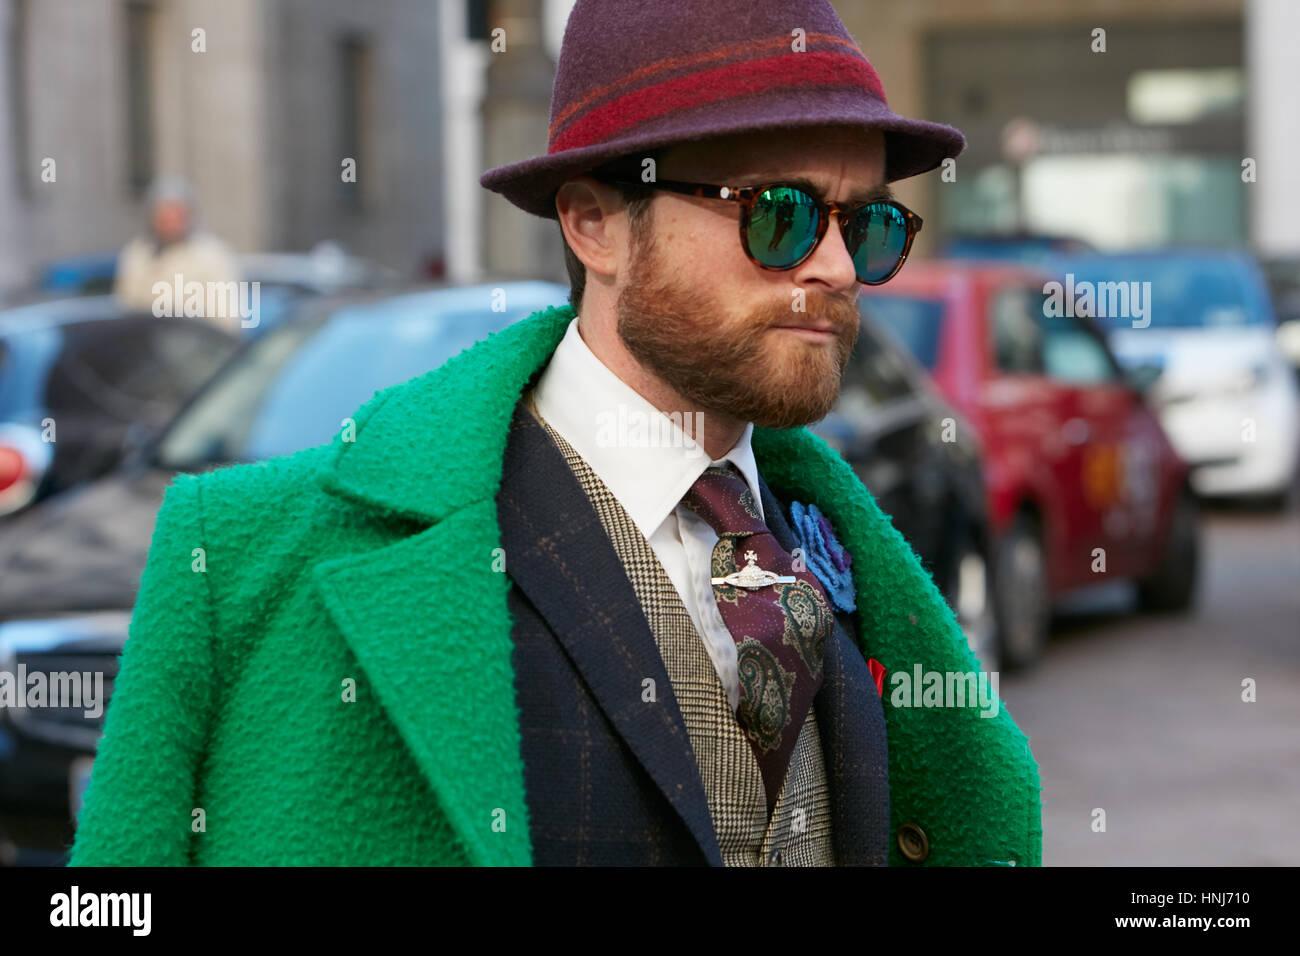 L'uomo con la giacca verde